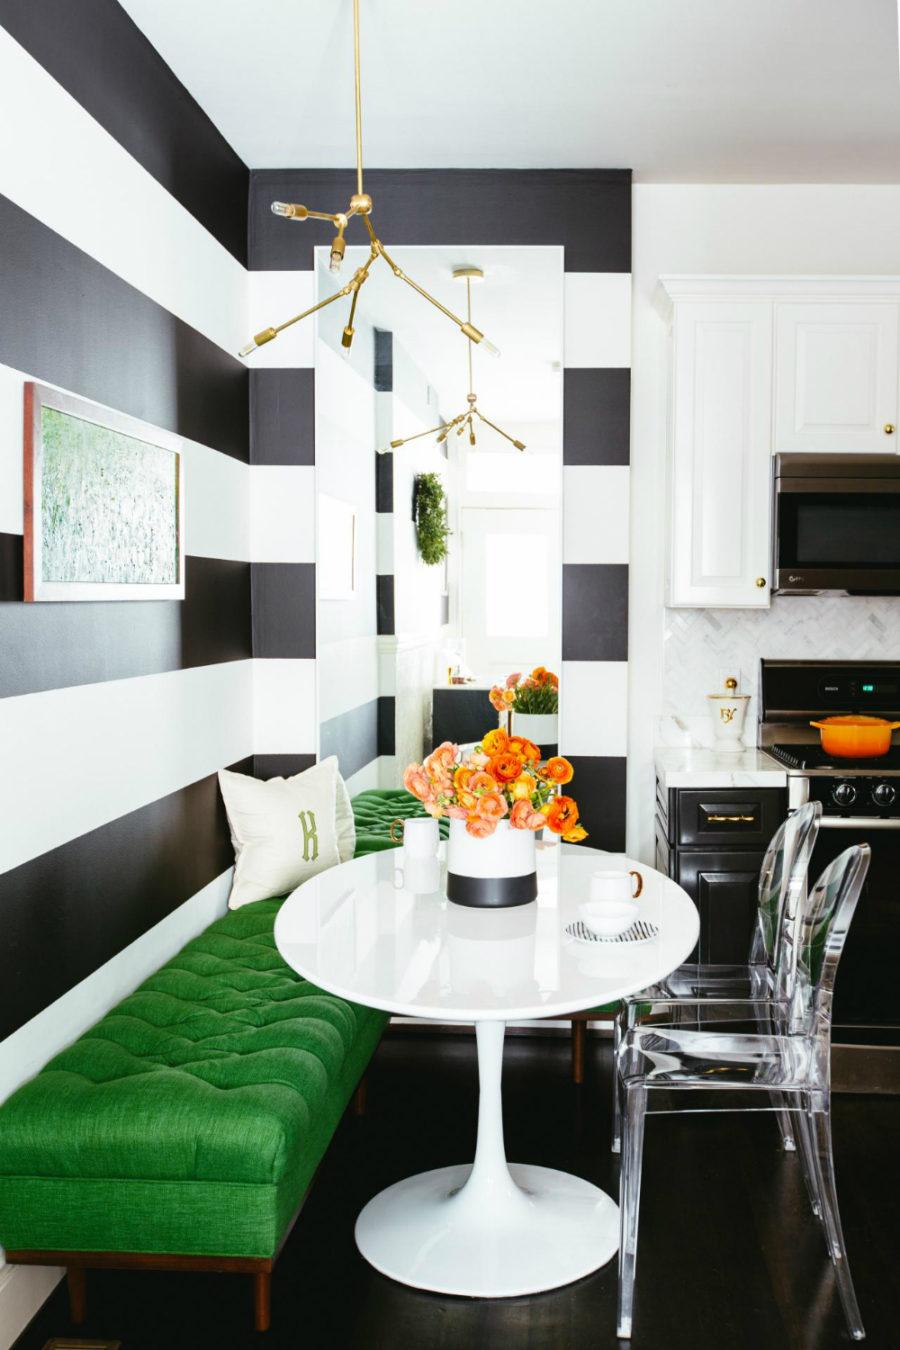 Fashionably bold breakfast area